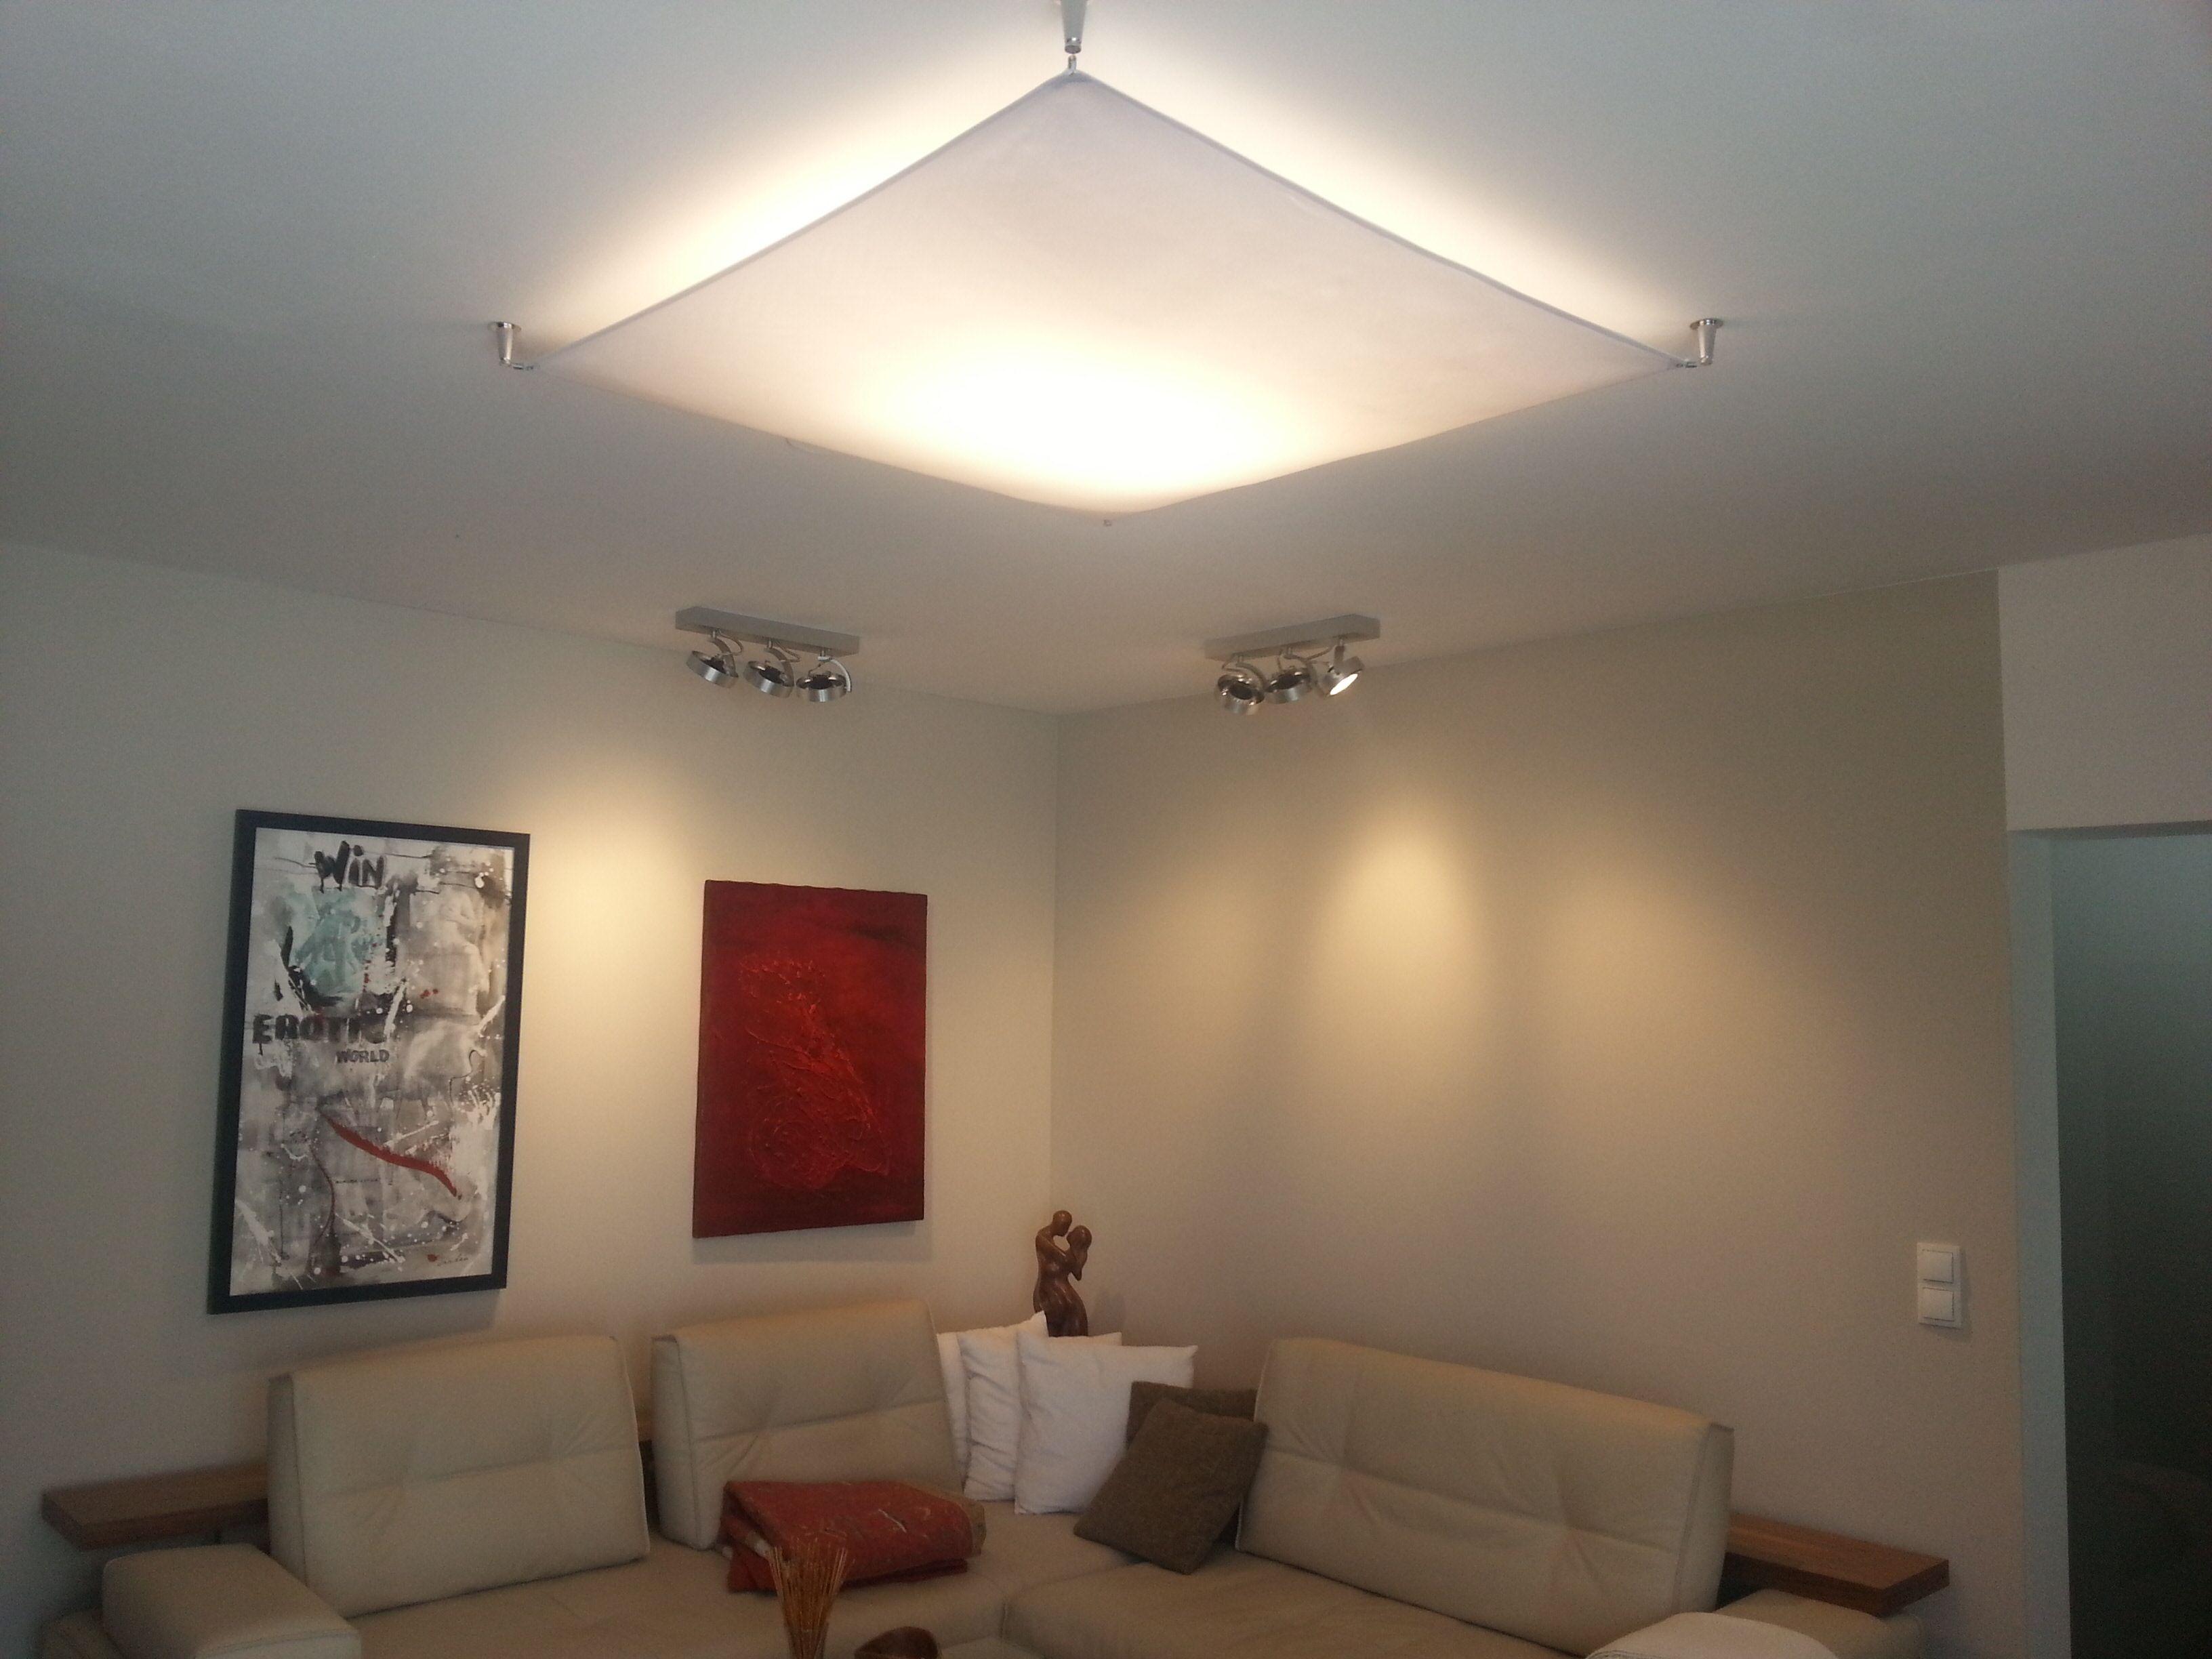 Tolle Wohnzimmer Lampen Decke Lampen Wohnzimmer Wohnzimmerbeleuchtung Lampen Decke